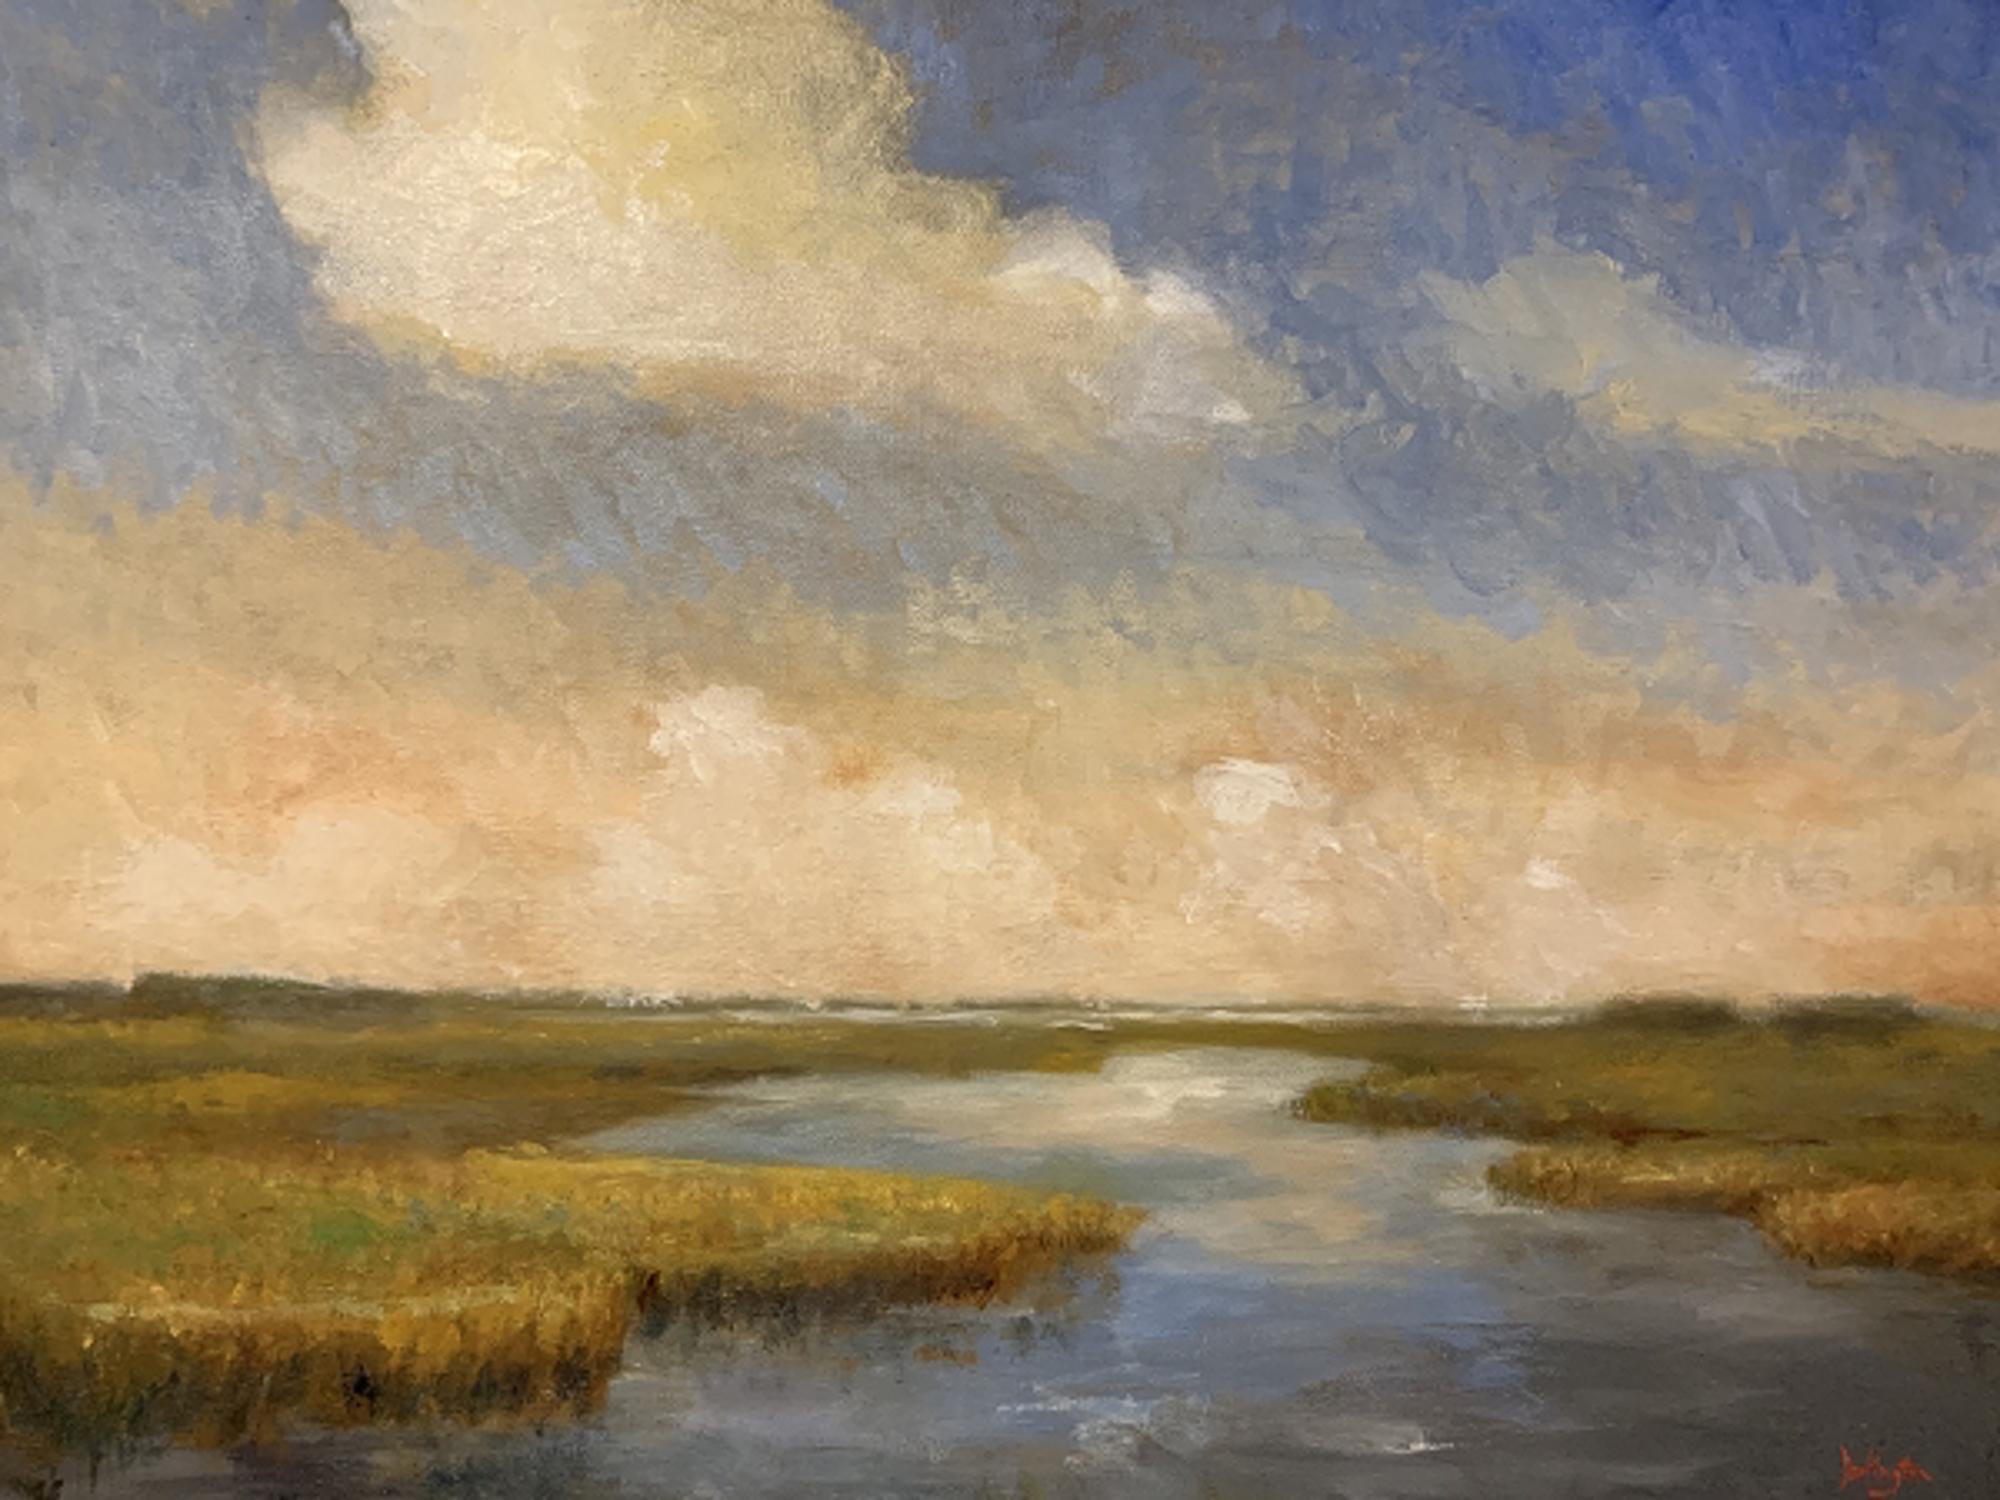 August Skies by Jim Darlington